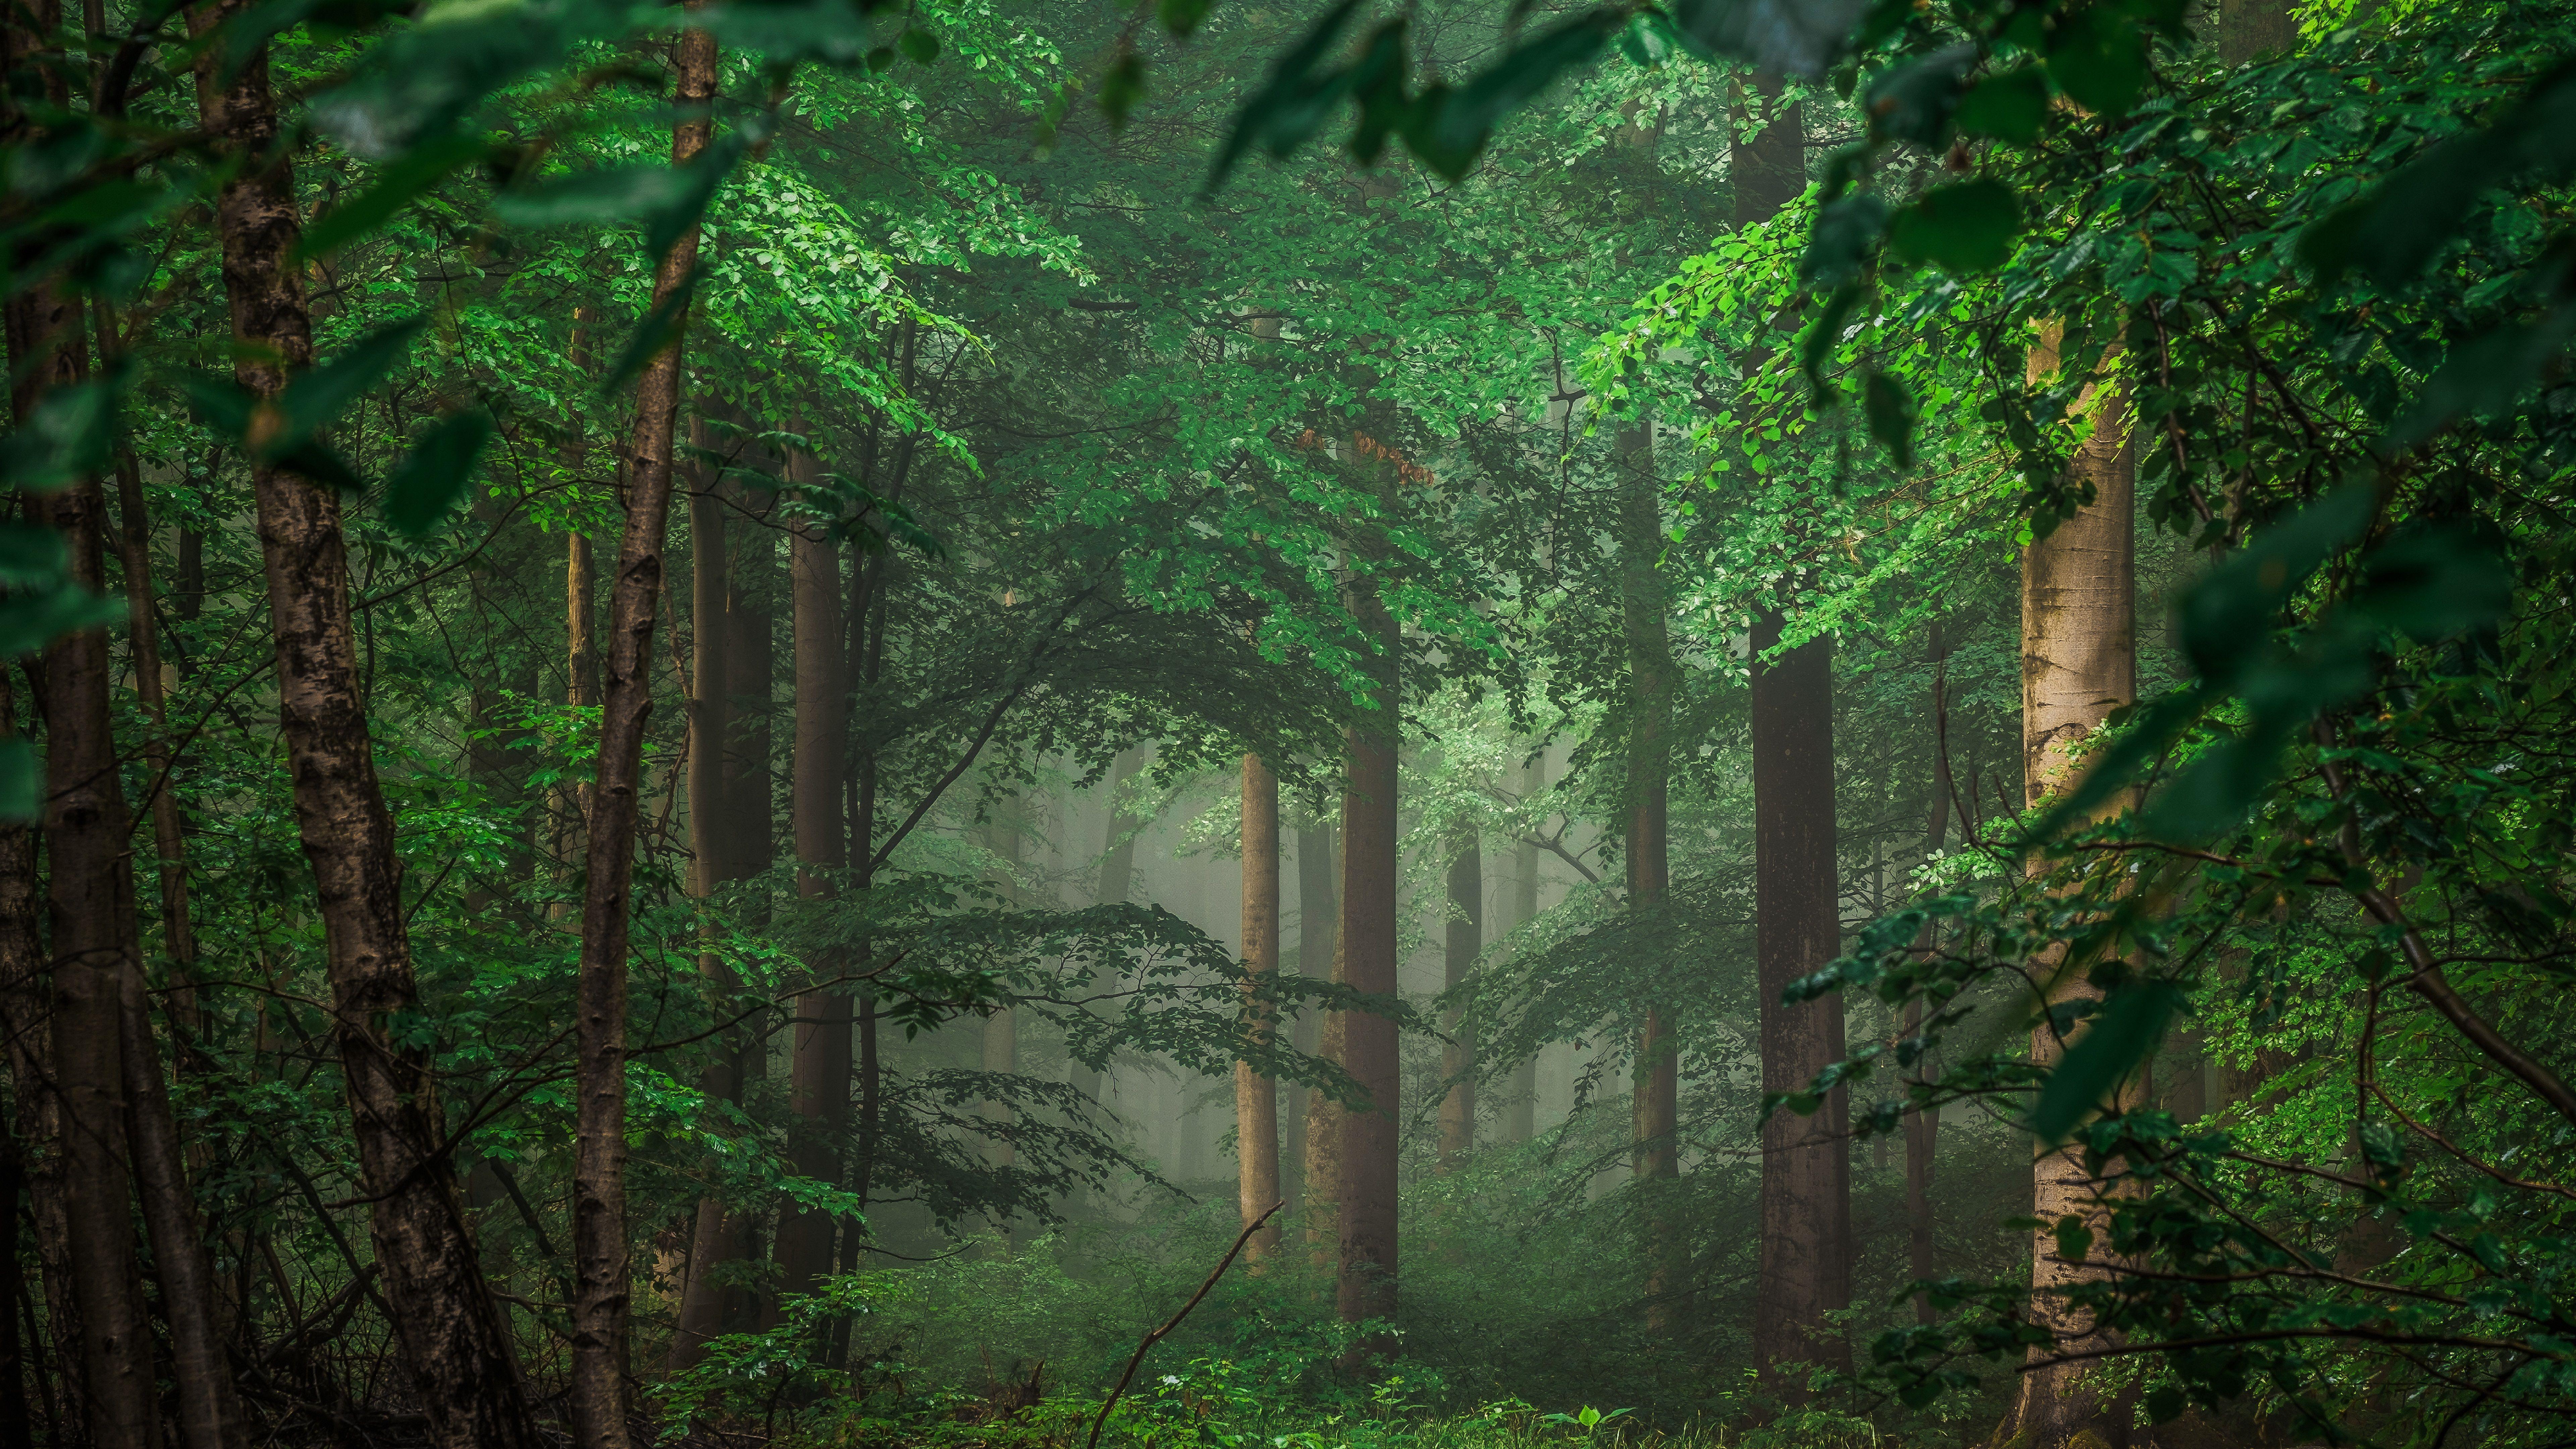 Green Forest 8K Wallpaper | Wallpapers 4K 5K 8K